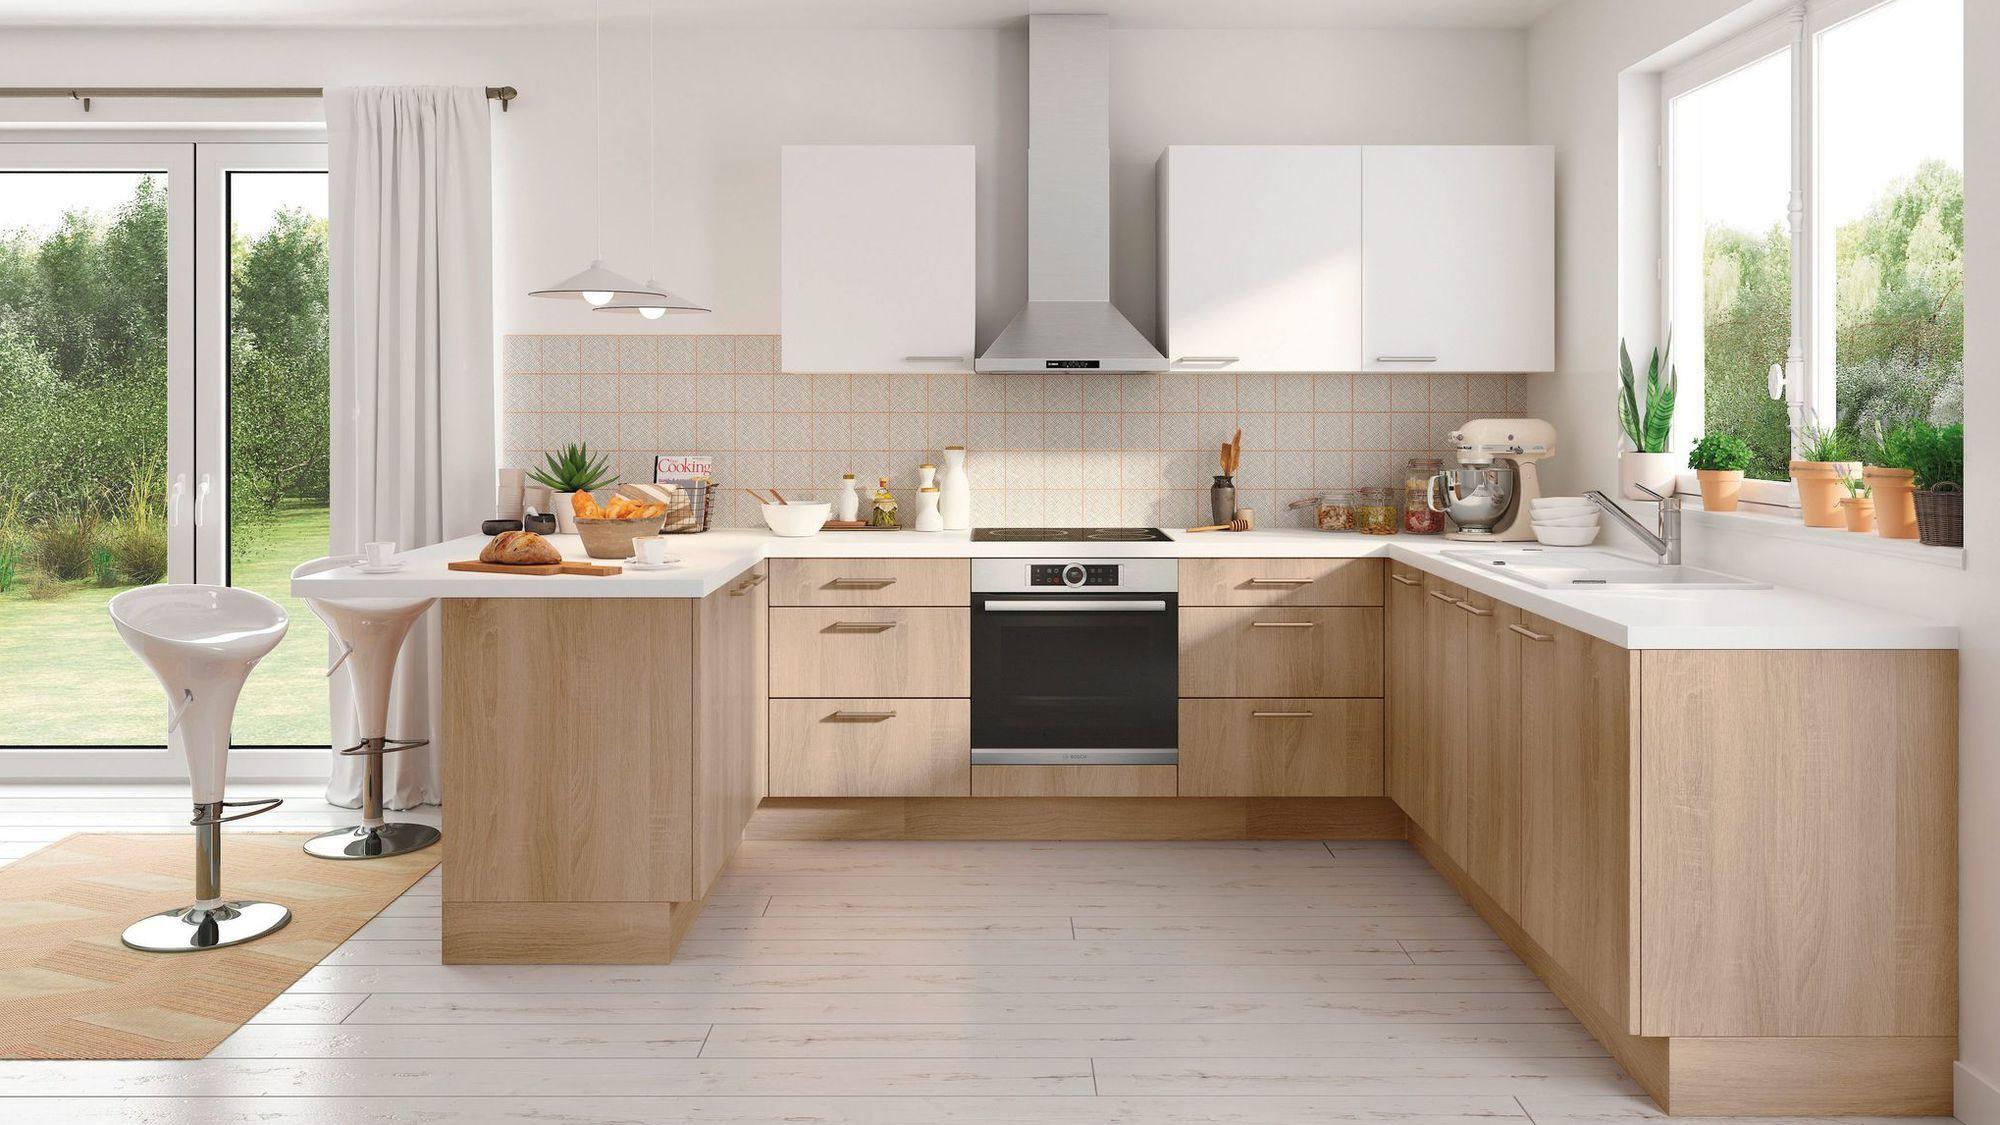 aménagement d'une cuisine : les 5 règles à connaître | déco cuisine